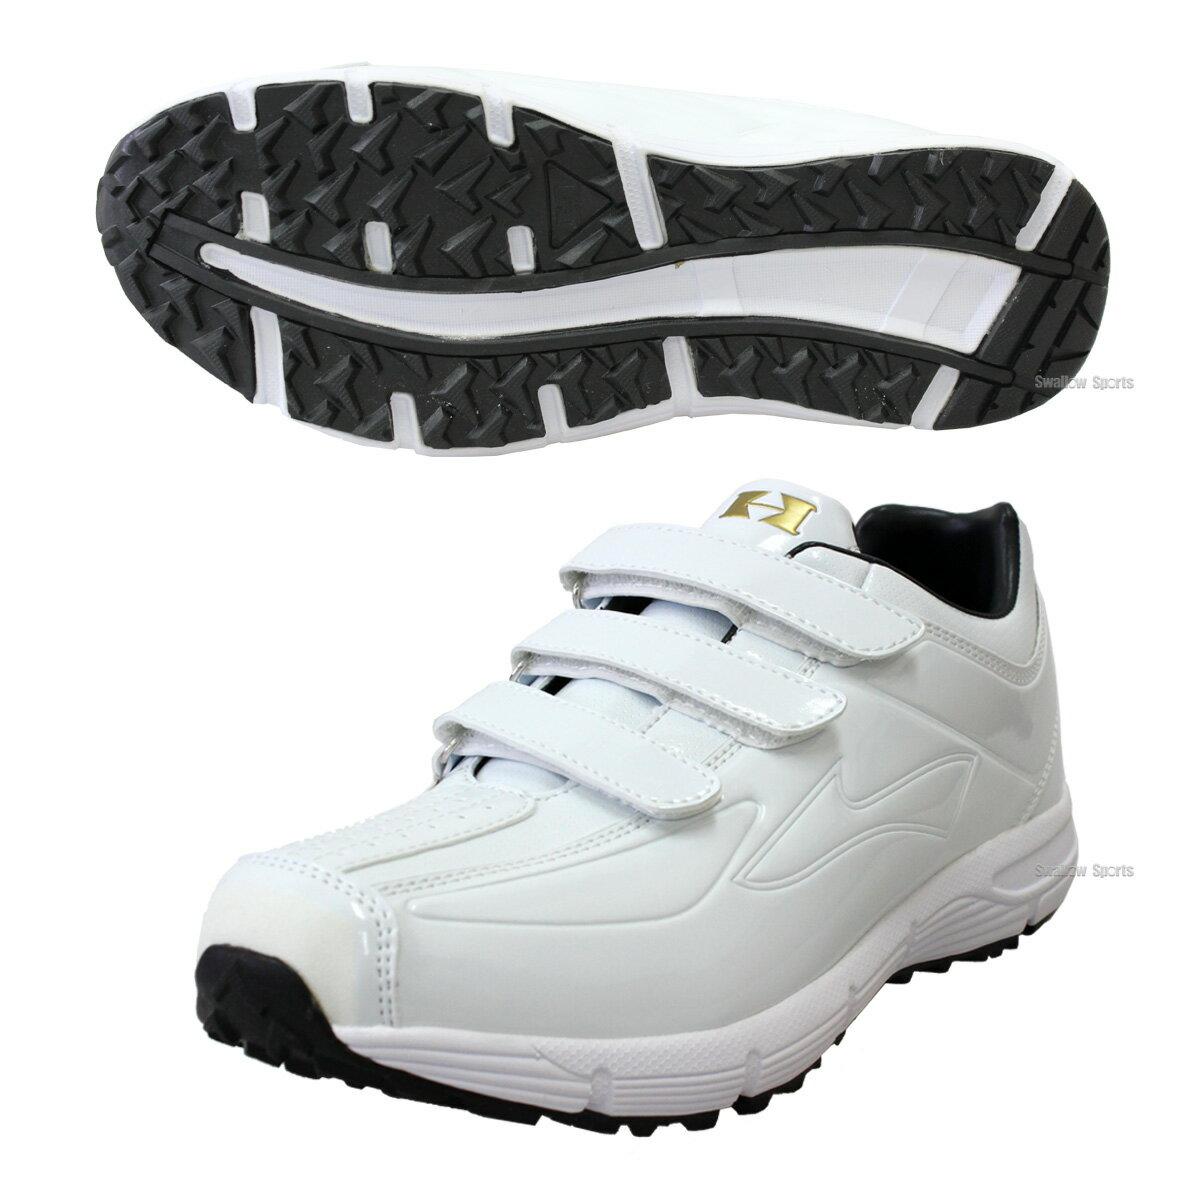 ハイゴールド トレーニングシューズ PU-800W 靴 野球用品 スワロースポーツ